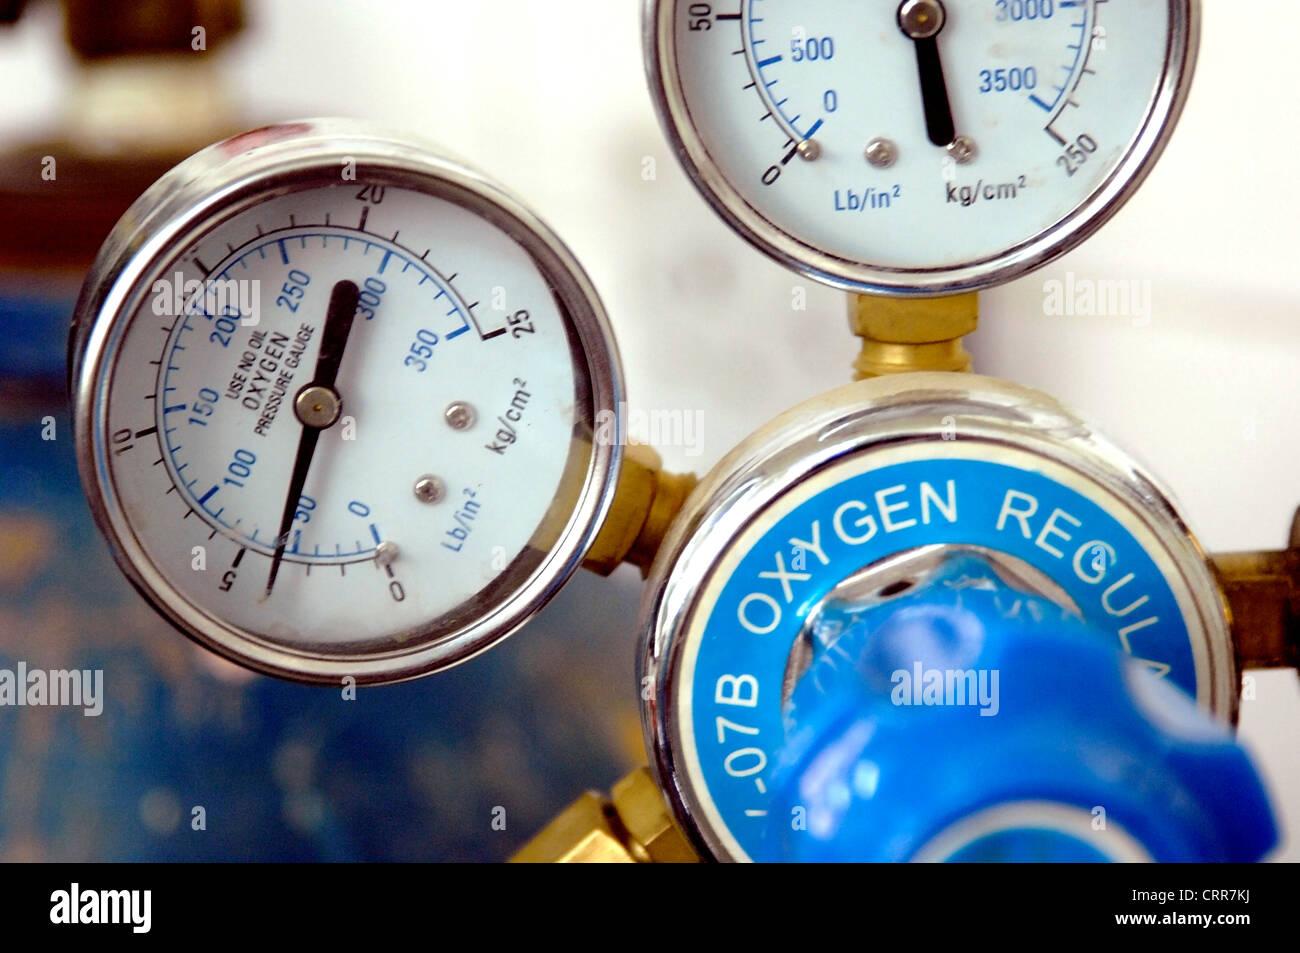 Oxygen regulator pressure gauge. - Stock Image